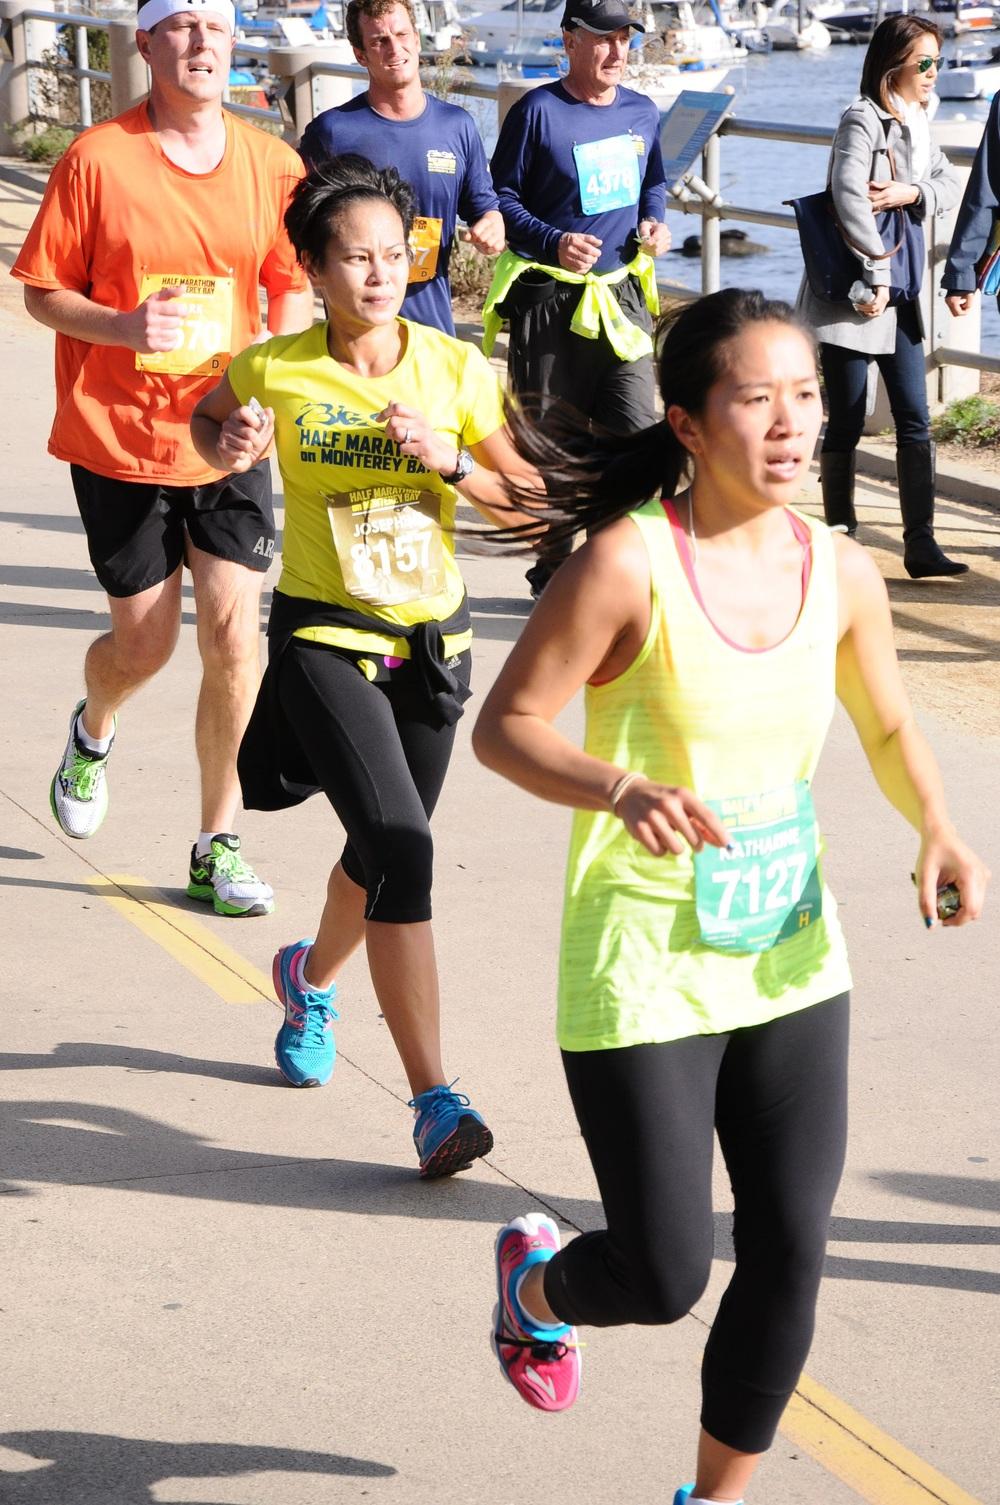 katharine's first half marathon